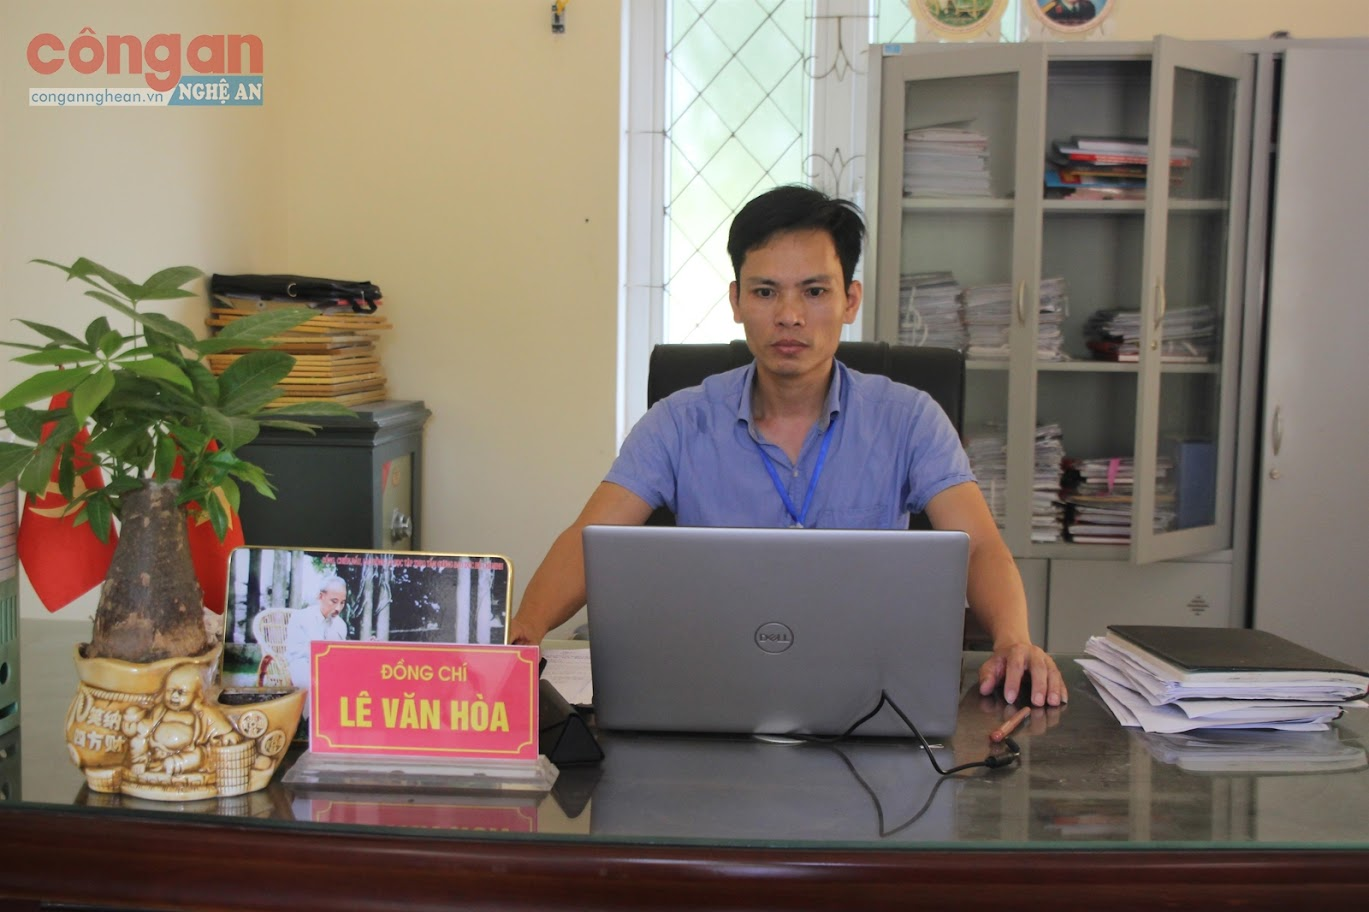 Đồng chí Lê Văn Hòa,                                  Chủ tịch UBND xã Nghi Xá